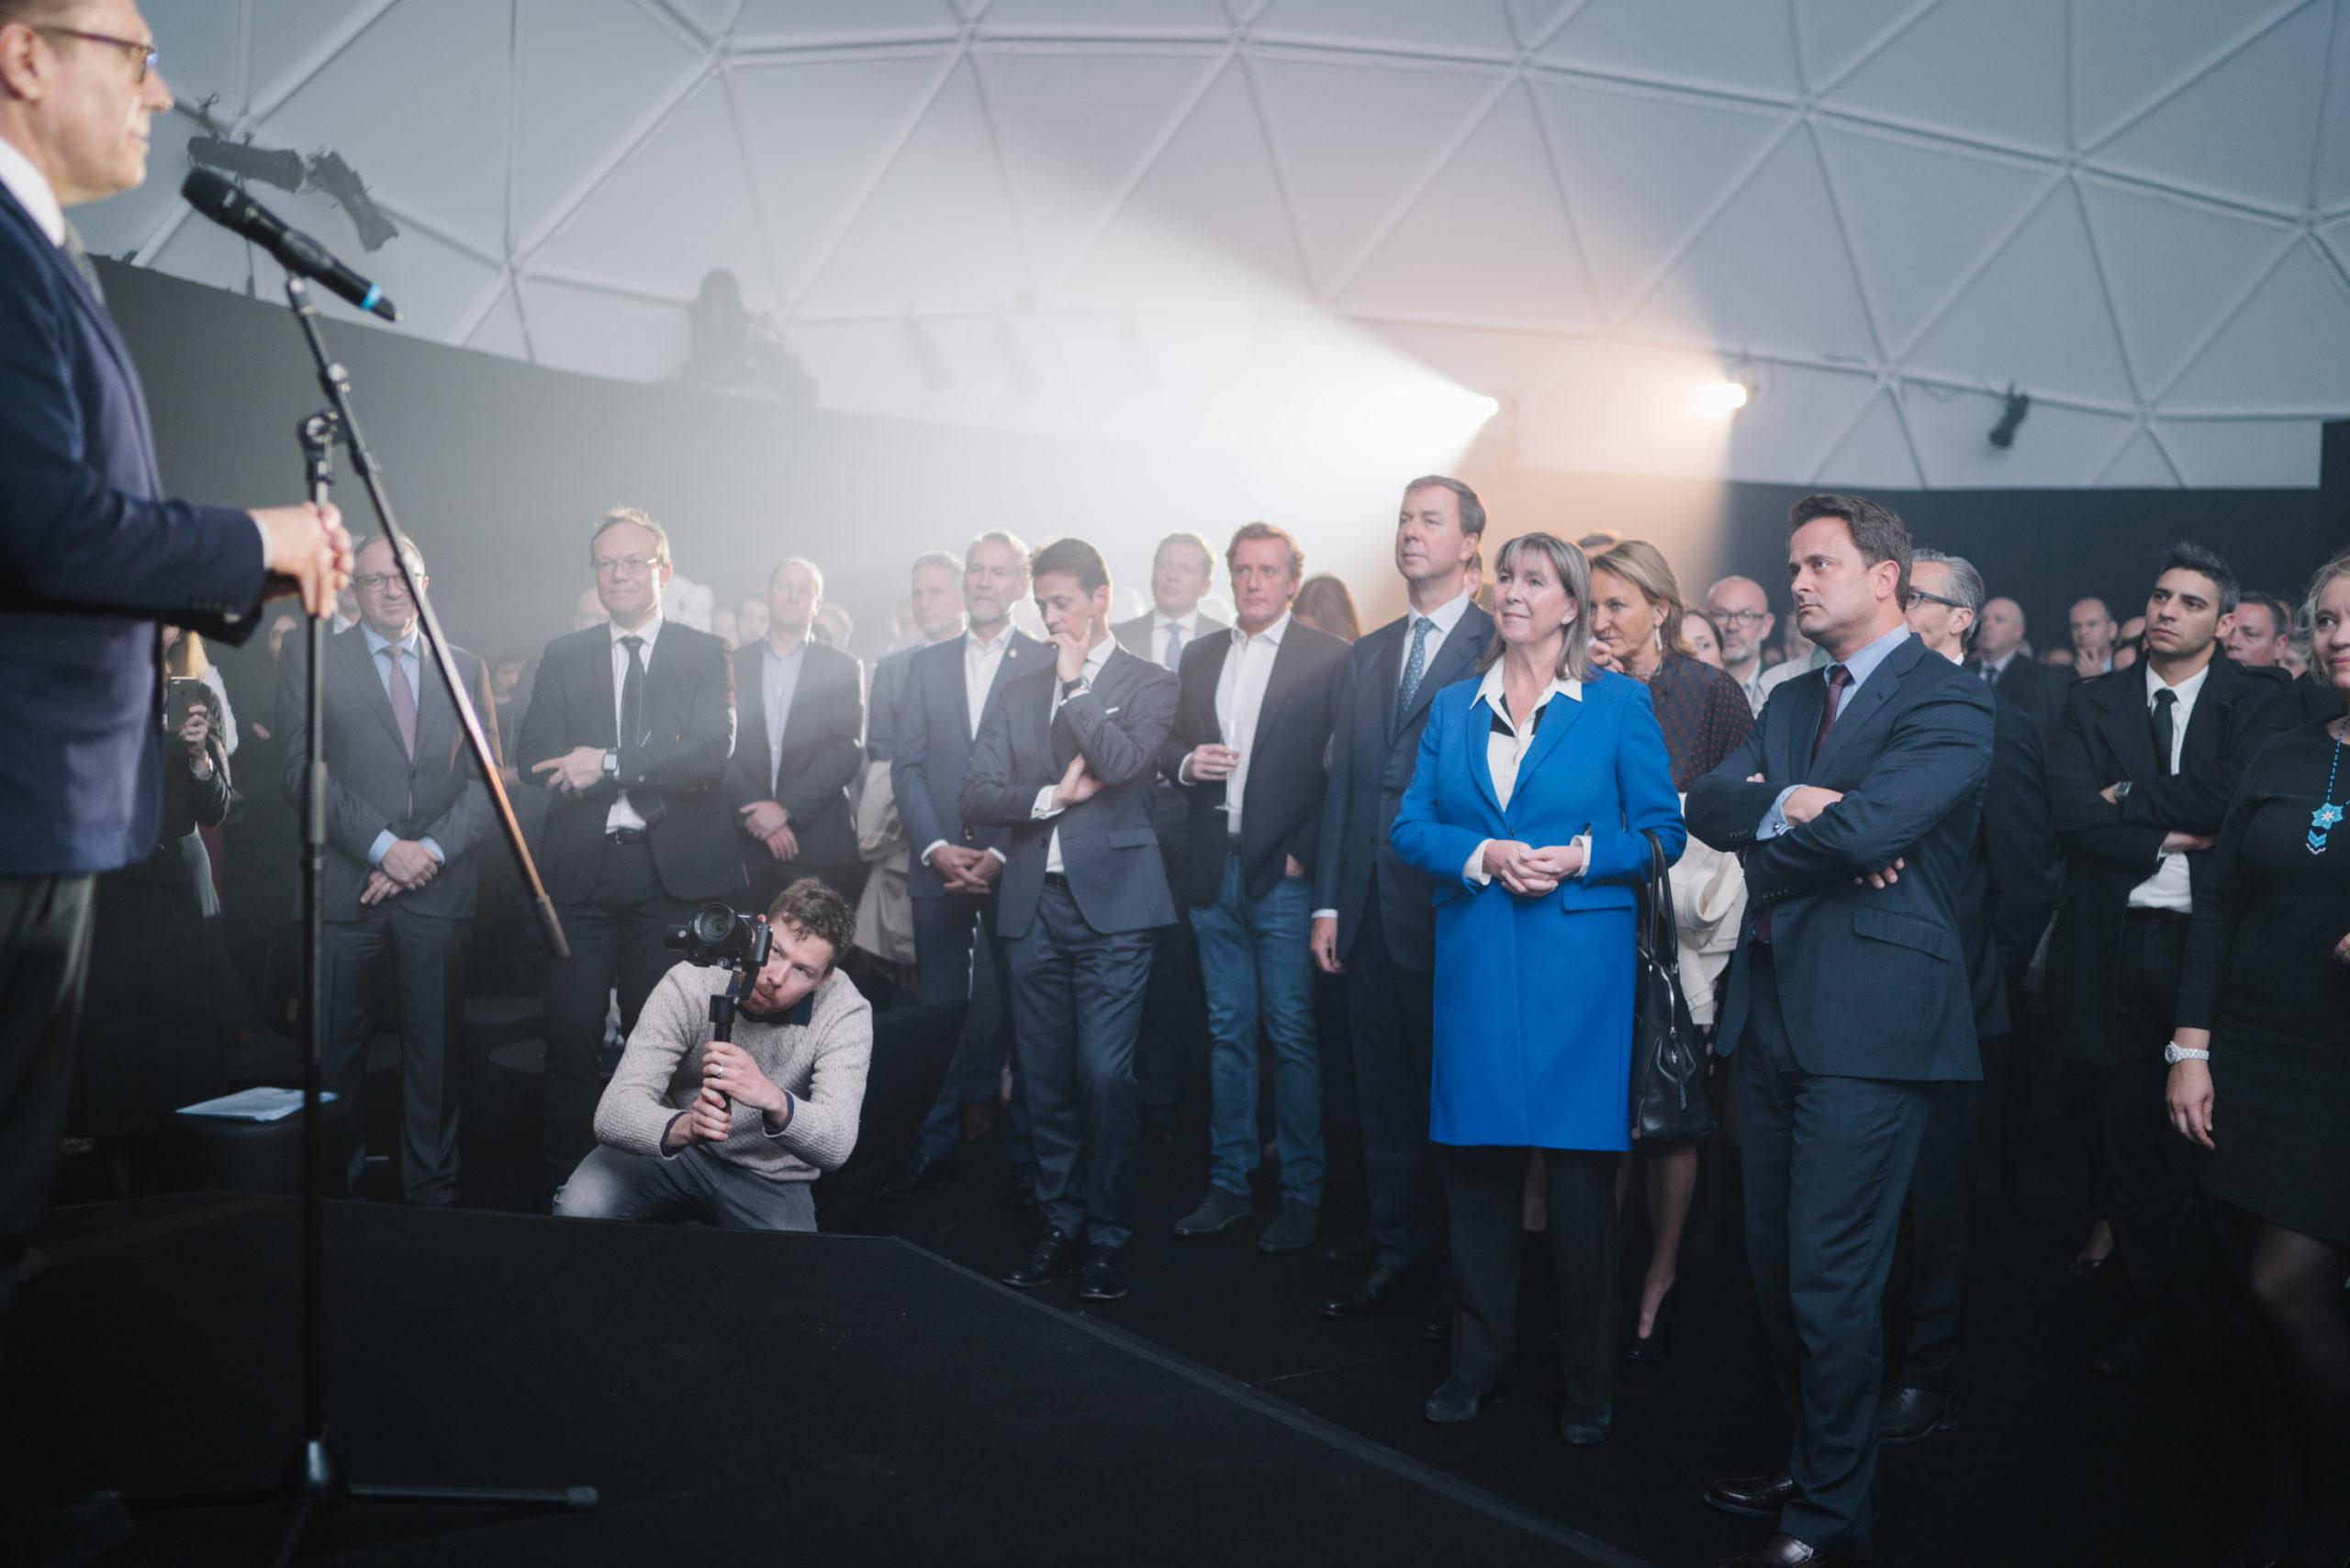 Shine a light agence évènementielle luxembourg - créateur d'expériences immersives - Pose de la première pierre infinity immobel